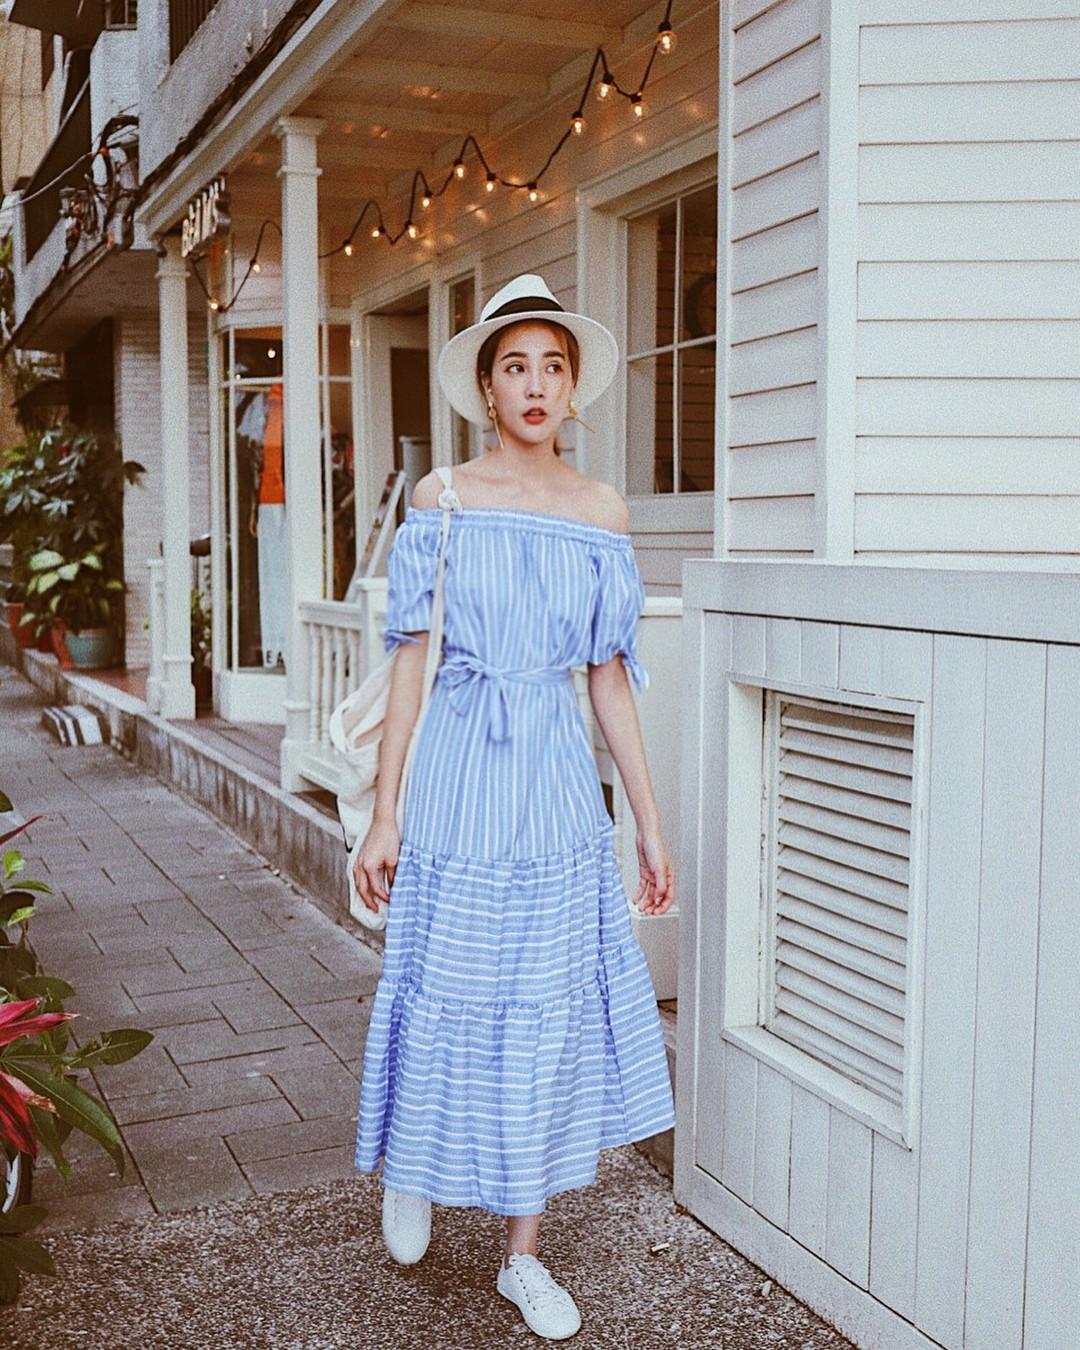 5 mẫu váy tuyệt xinh điệu đà cho mùa hè